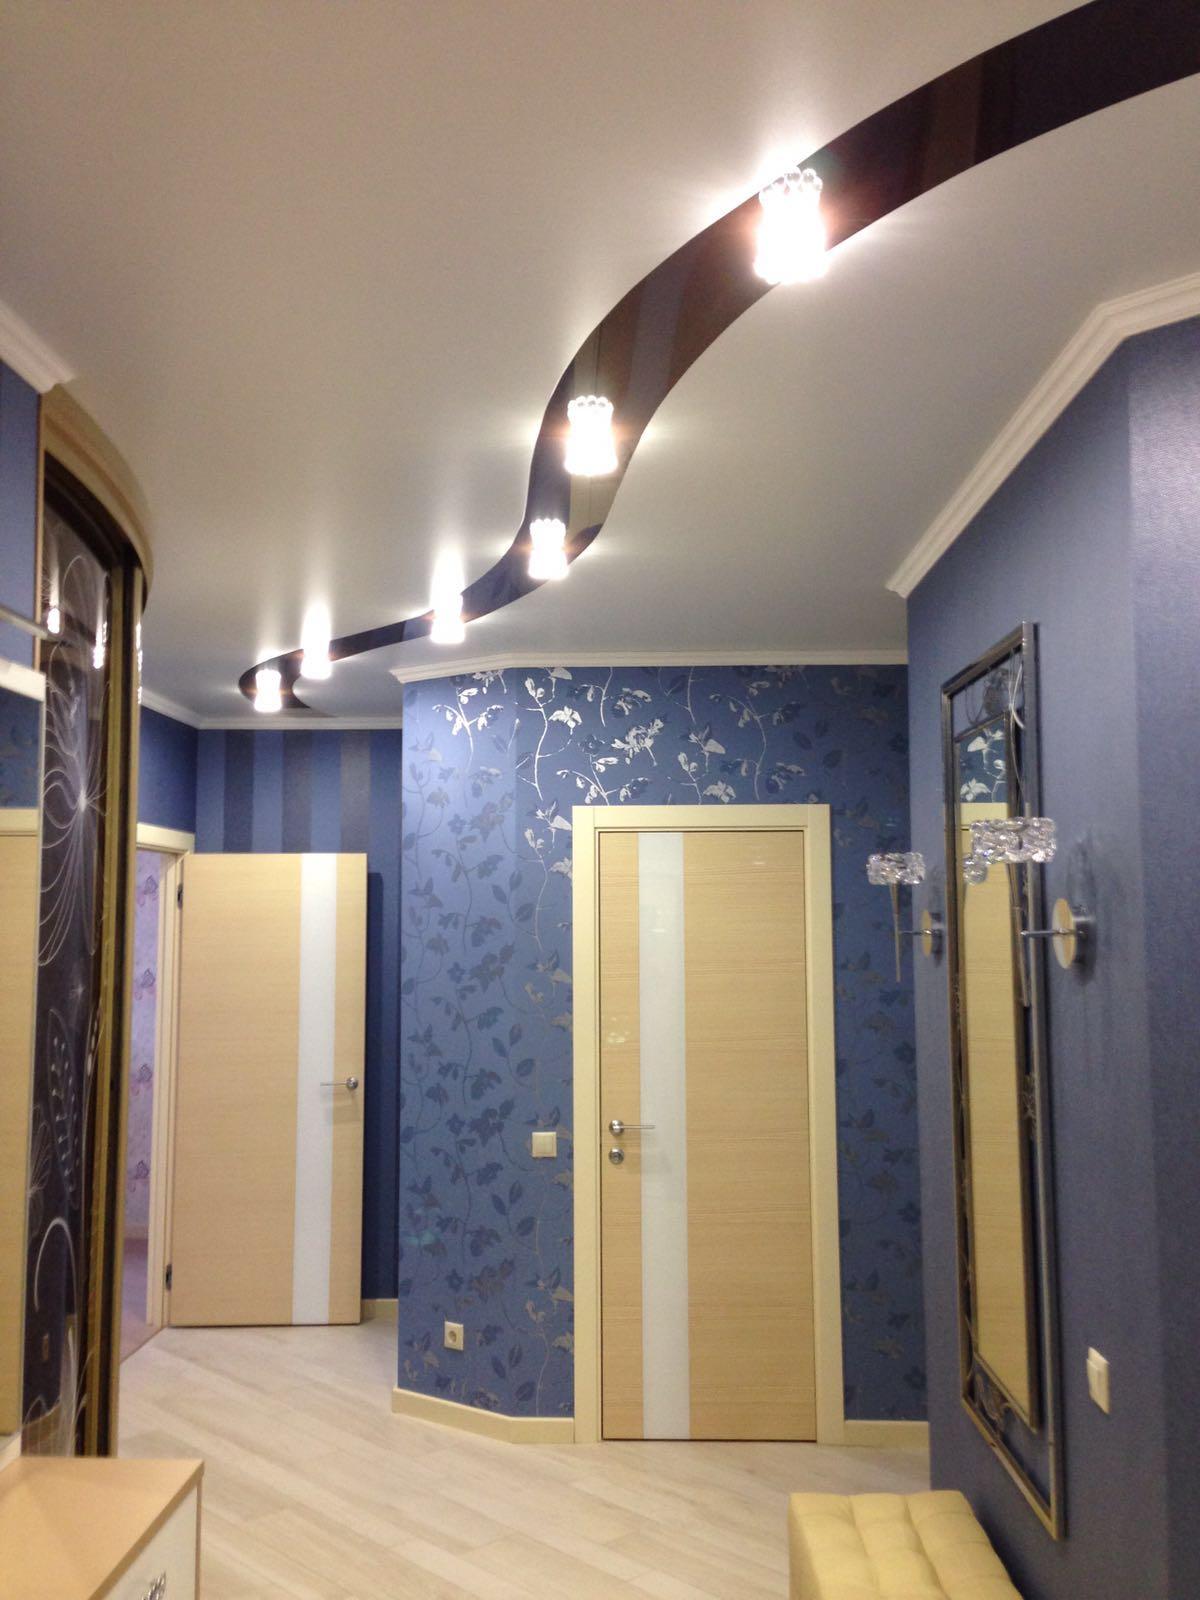 парилки фото коридора с натяжными потолками приготовить мясо пресном